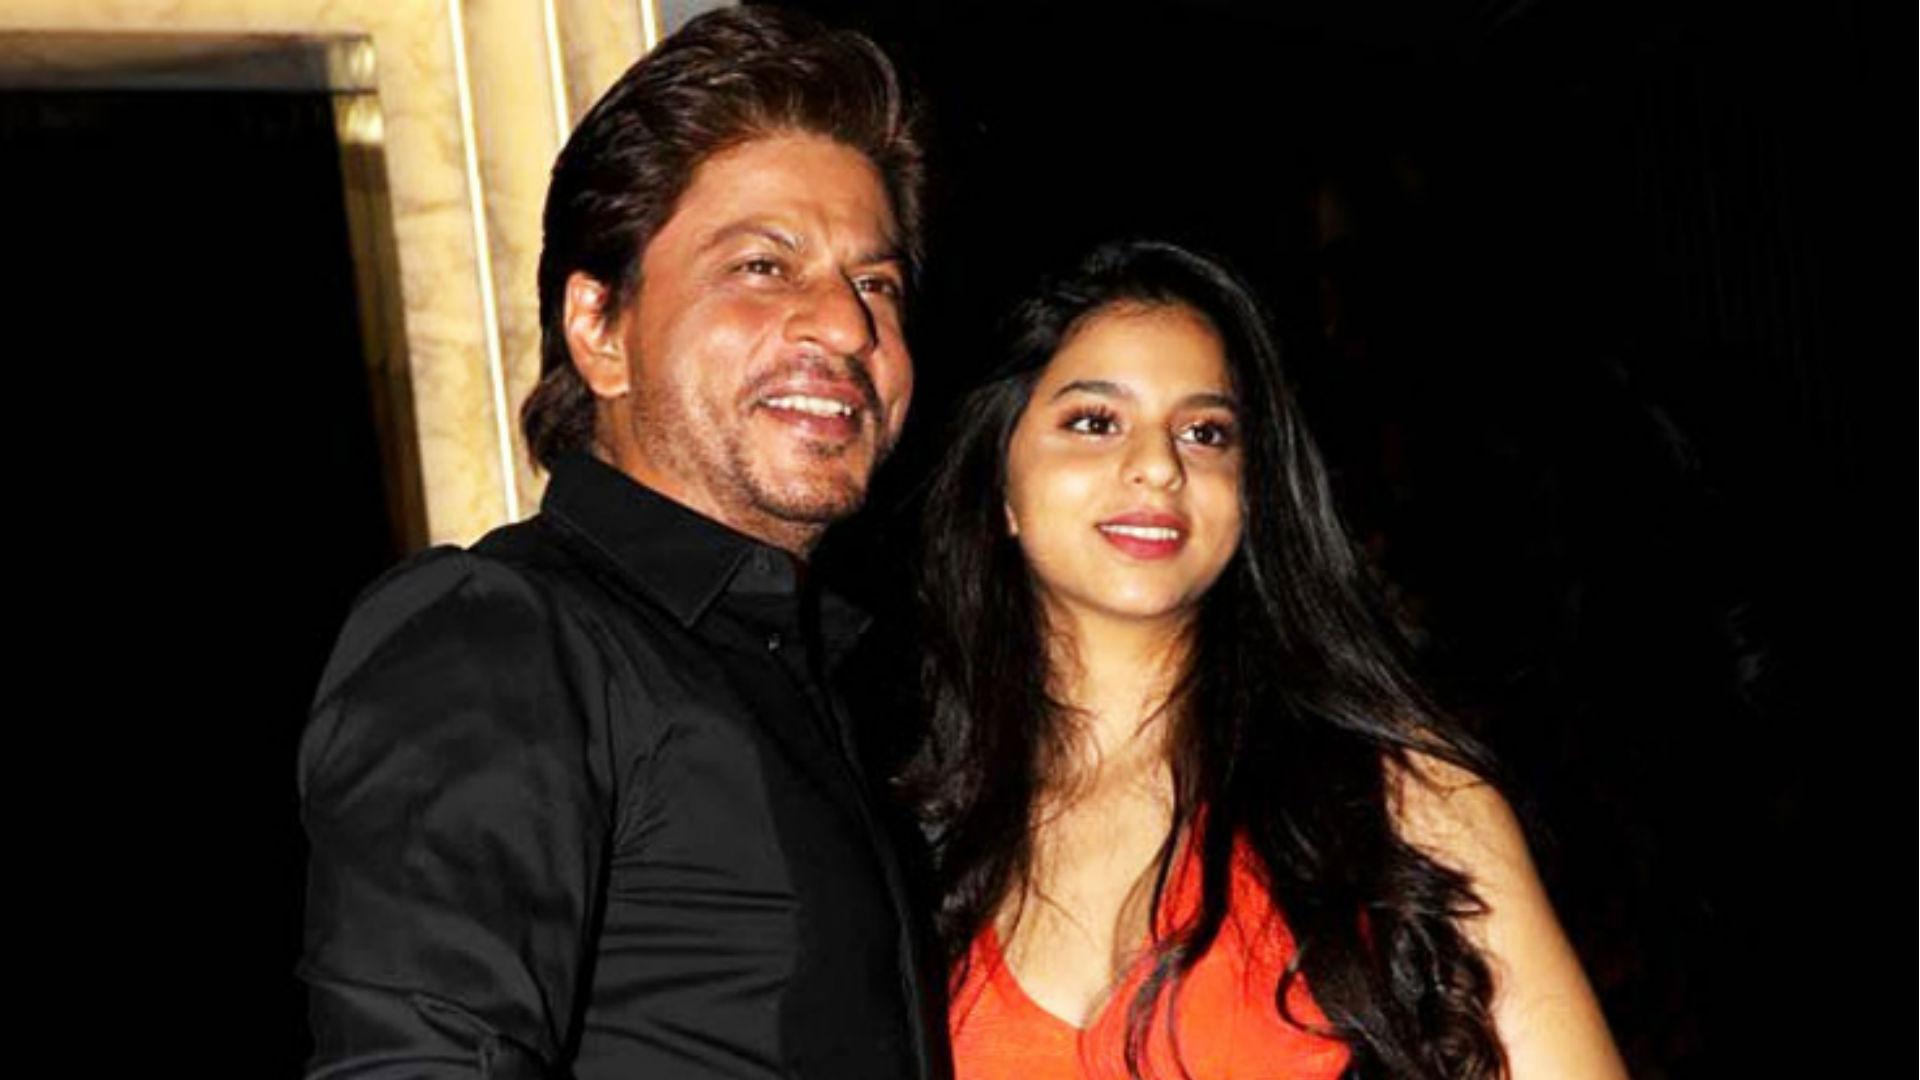 शाहरुख खान की लाडली सुहाना खान हैं एक कदम आगे, बॉलीवुड डेब्यू के लिए कर रहीं ये खास तैयारी